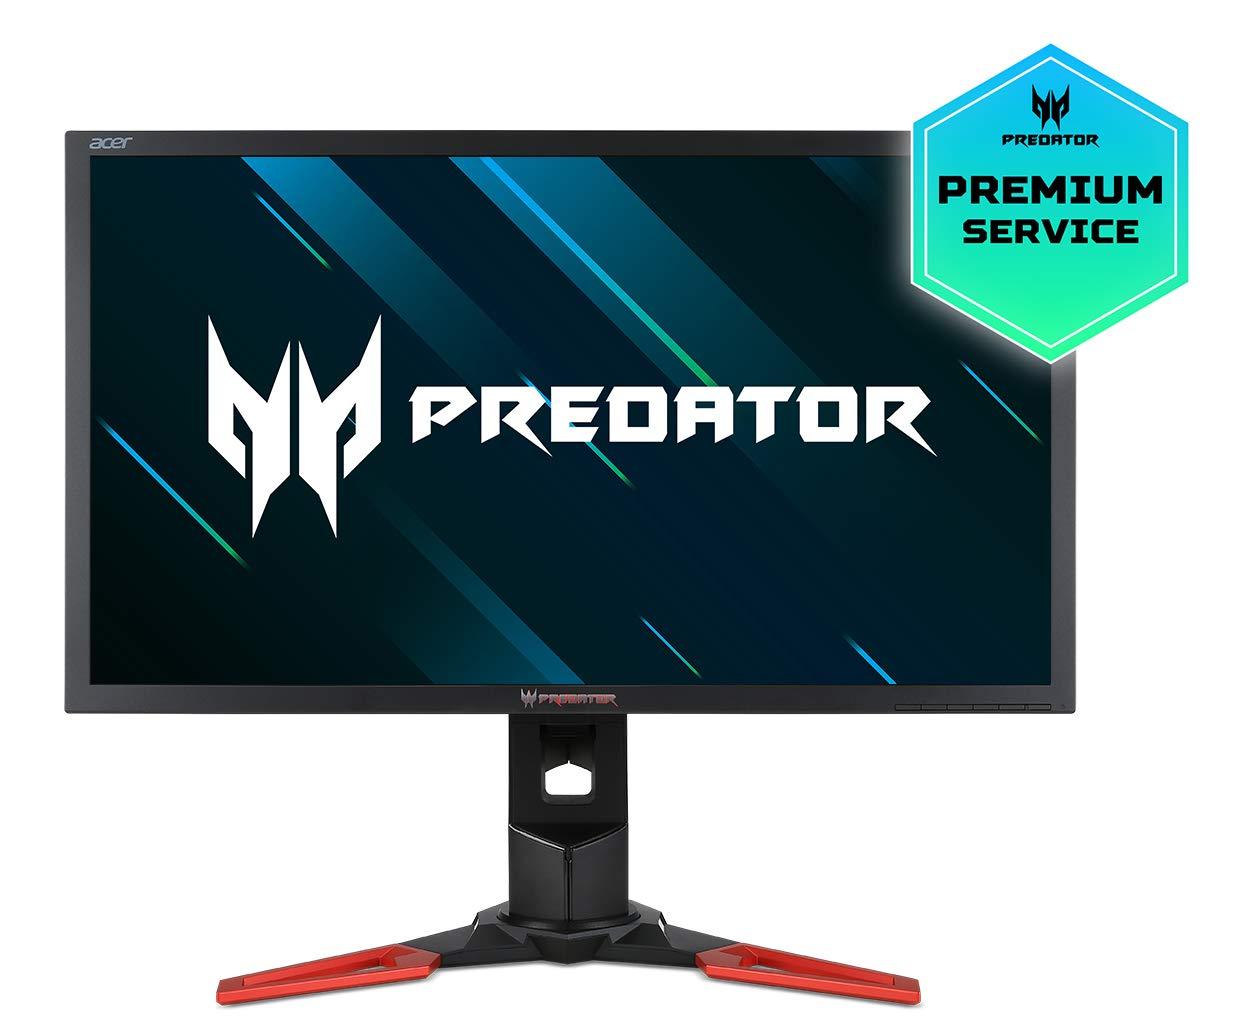 """Acer Predator XB241H Monitor da 24"""", 1920x1080, HDMI, tempo di reazione 1 ms, regolabile in altezza, NVIDIA G-Sync, Nero"""